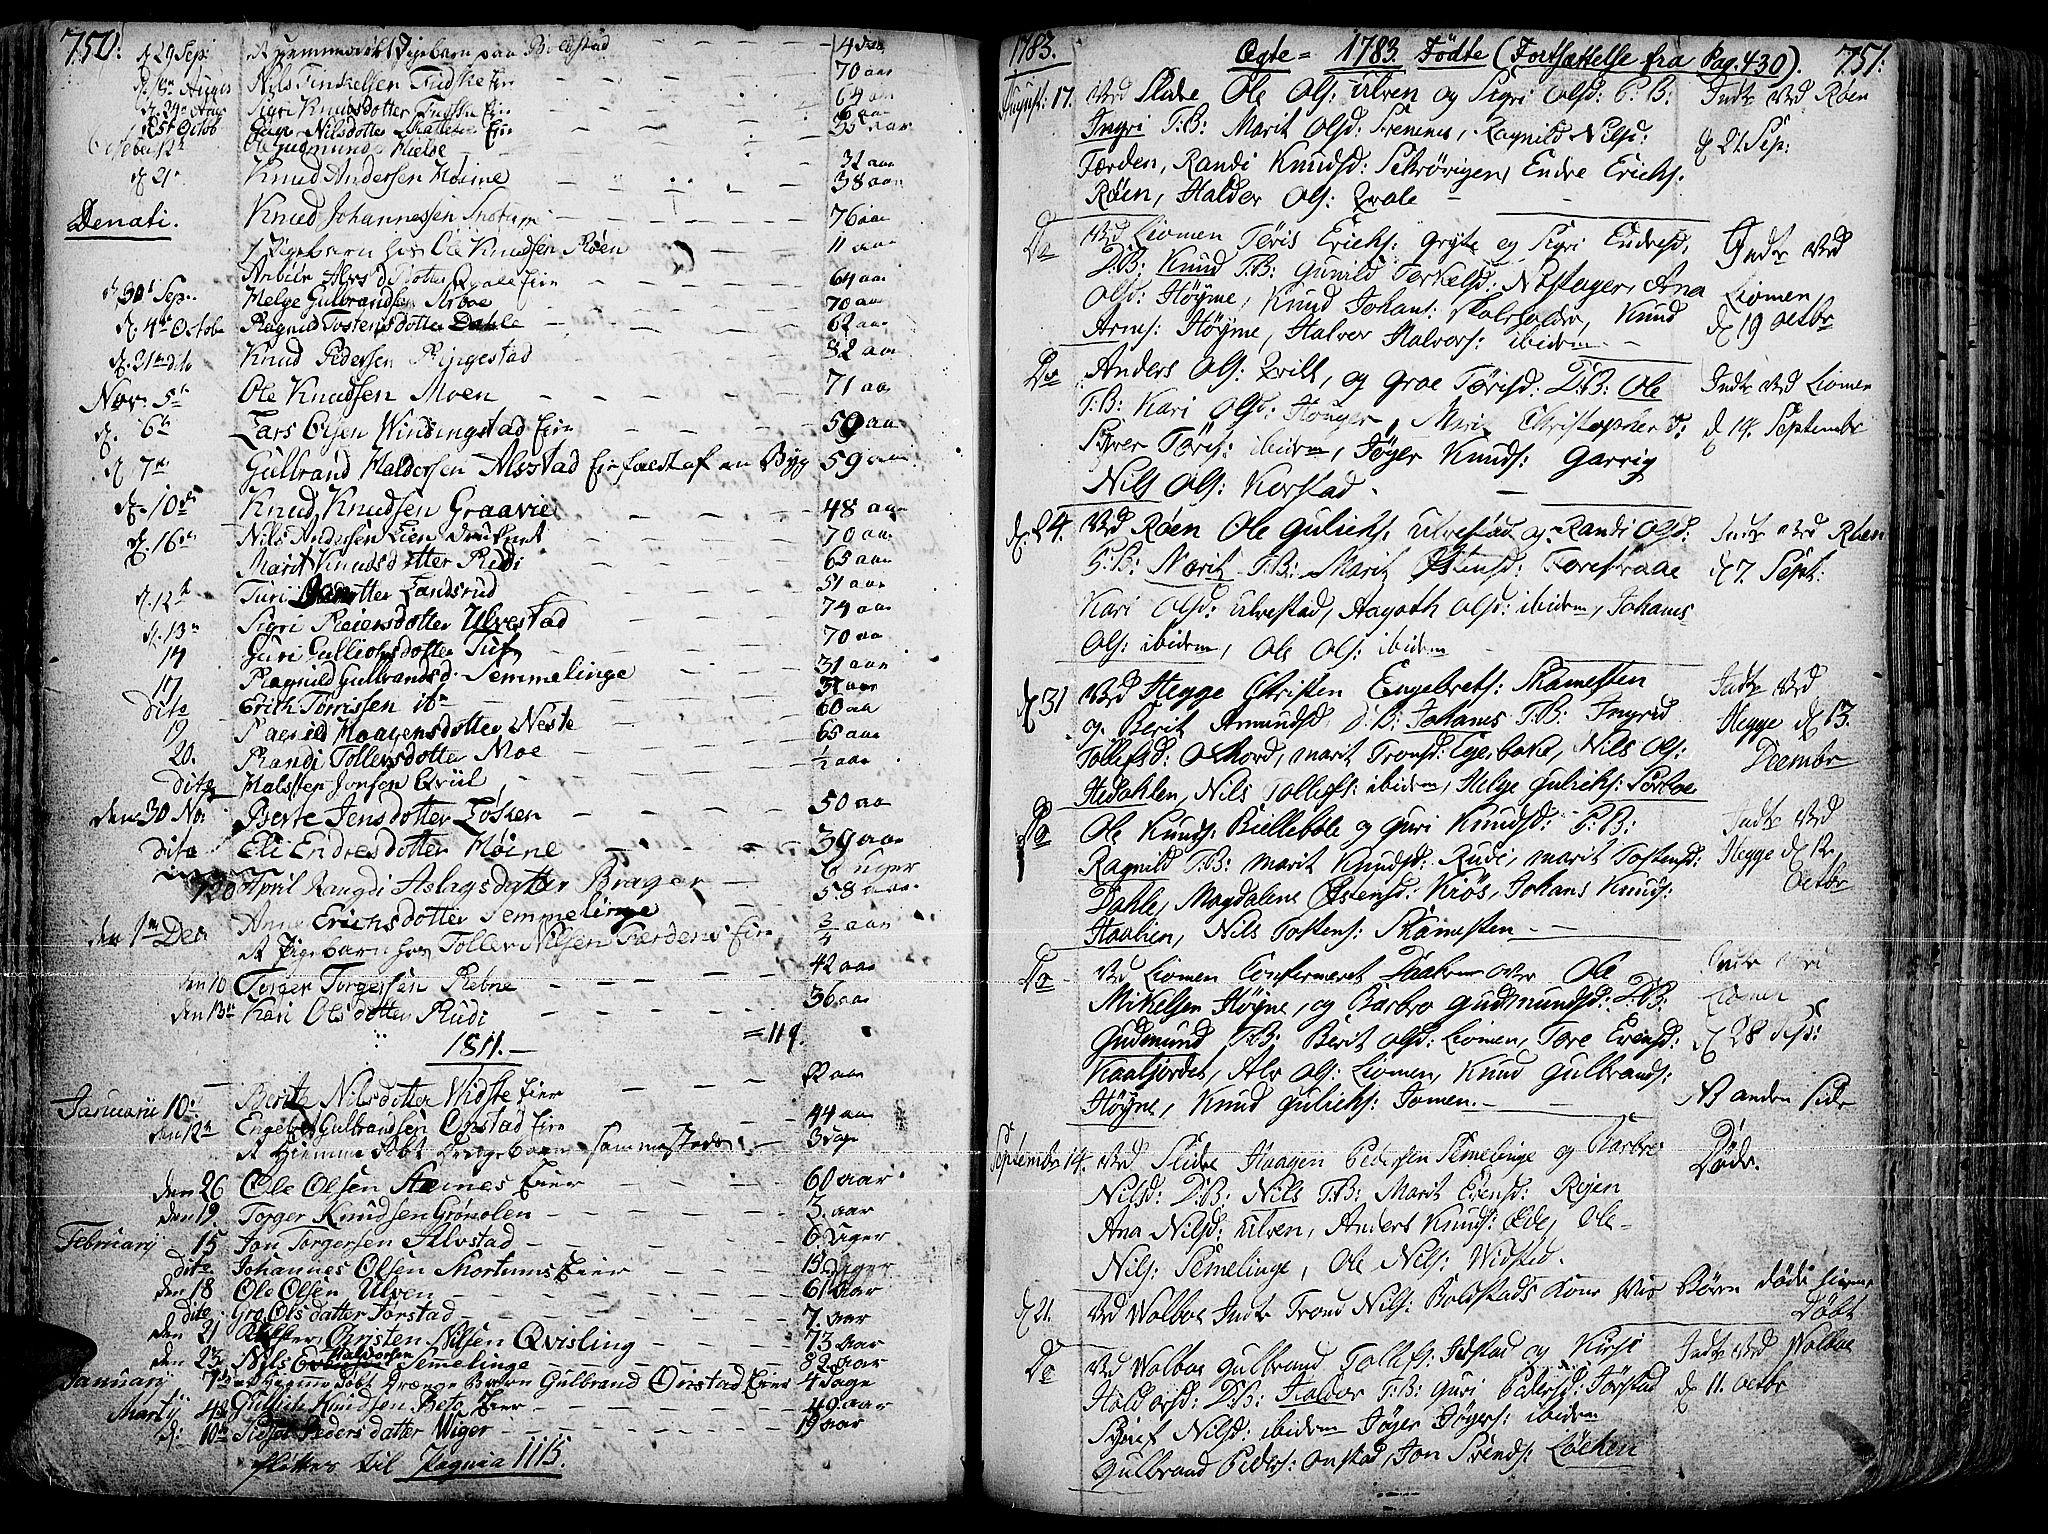 SAH, Slidre prestekontor, Ministerialbok nr. 1, 1724-1814, s. 750-751